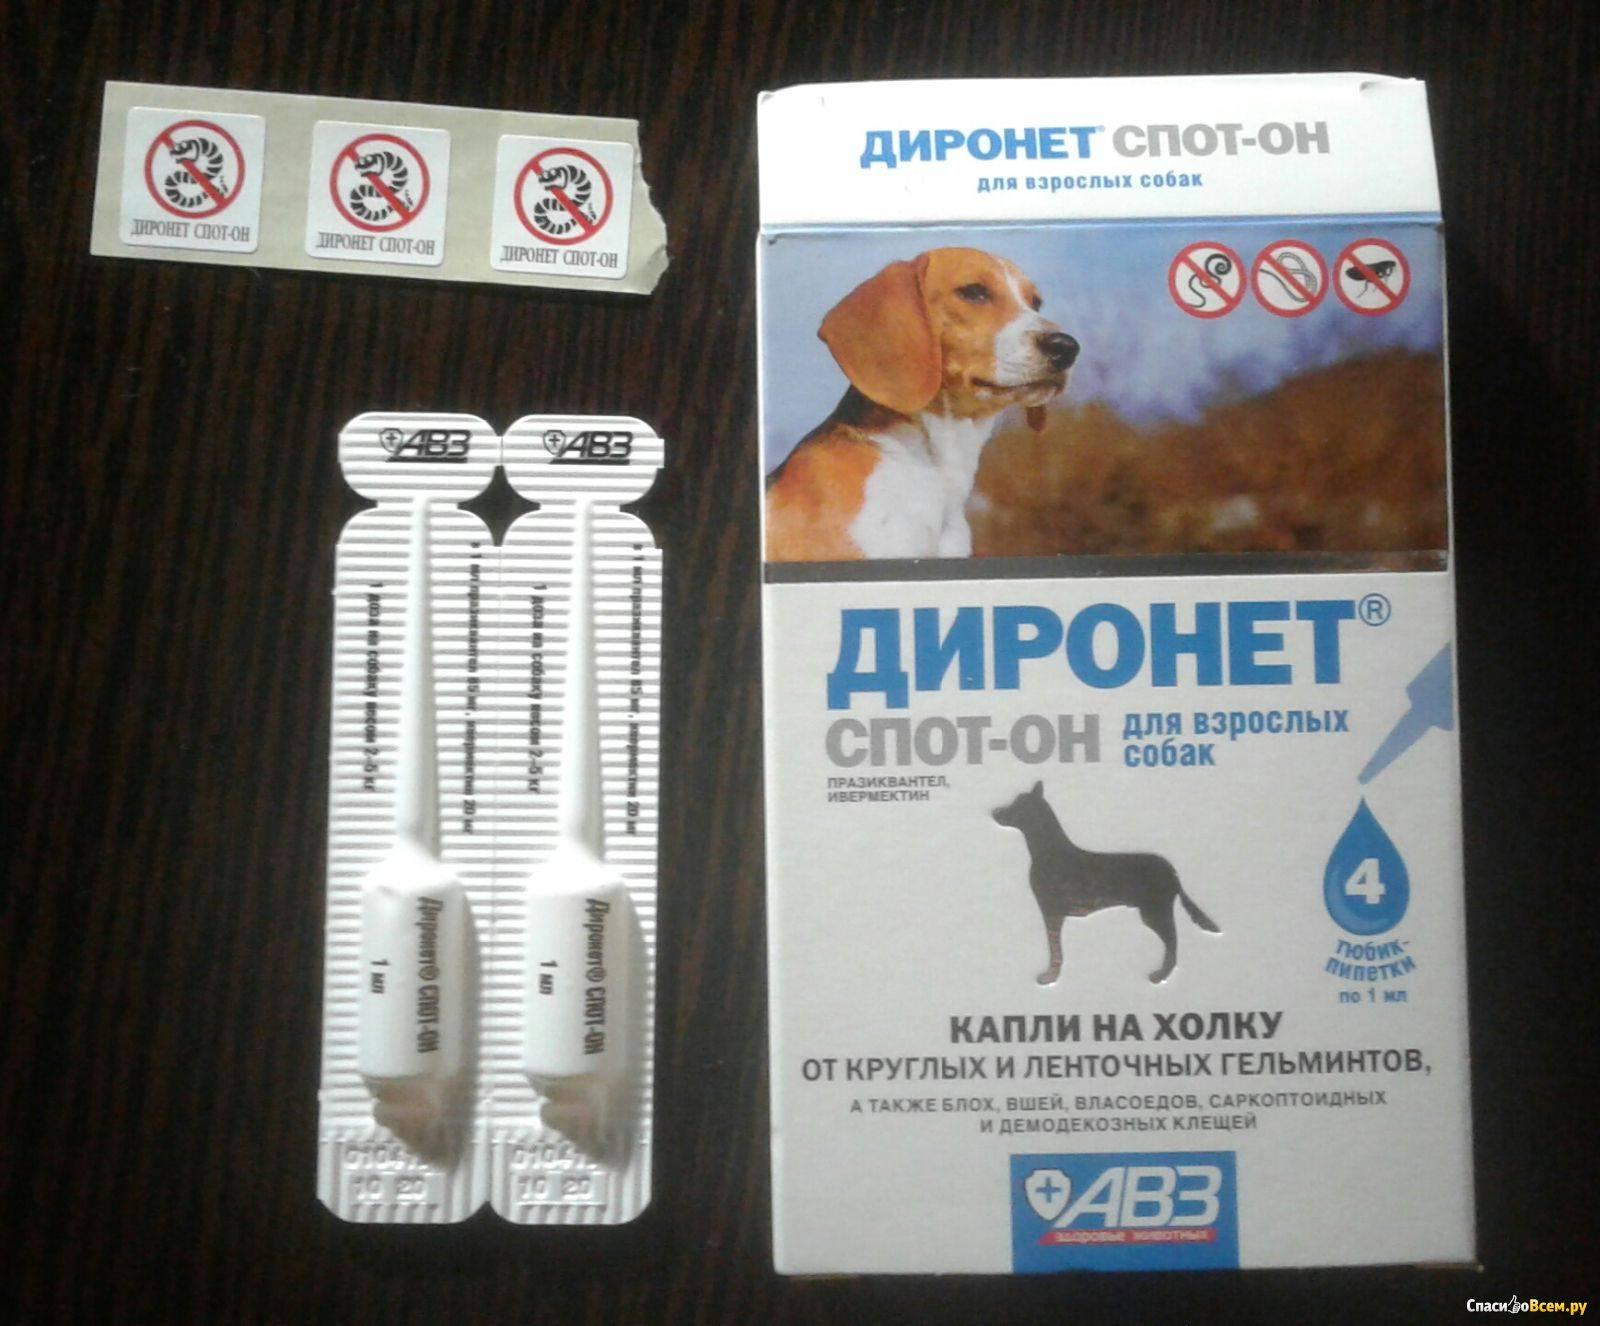 Диронет спот-он для кошек - купить, цена и аналоги, инструкция по применению, отзывы в интернет ветаптеке добропесик